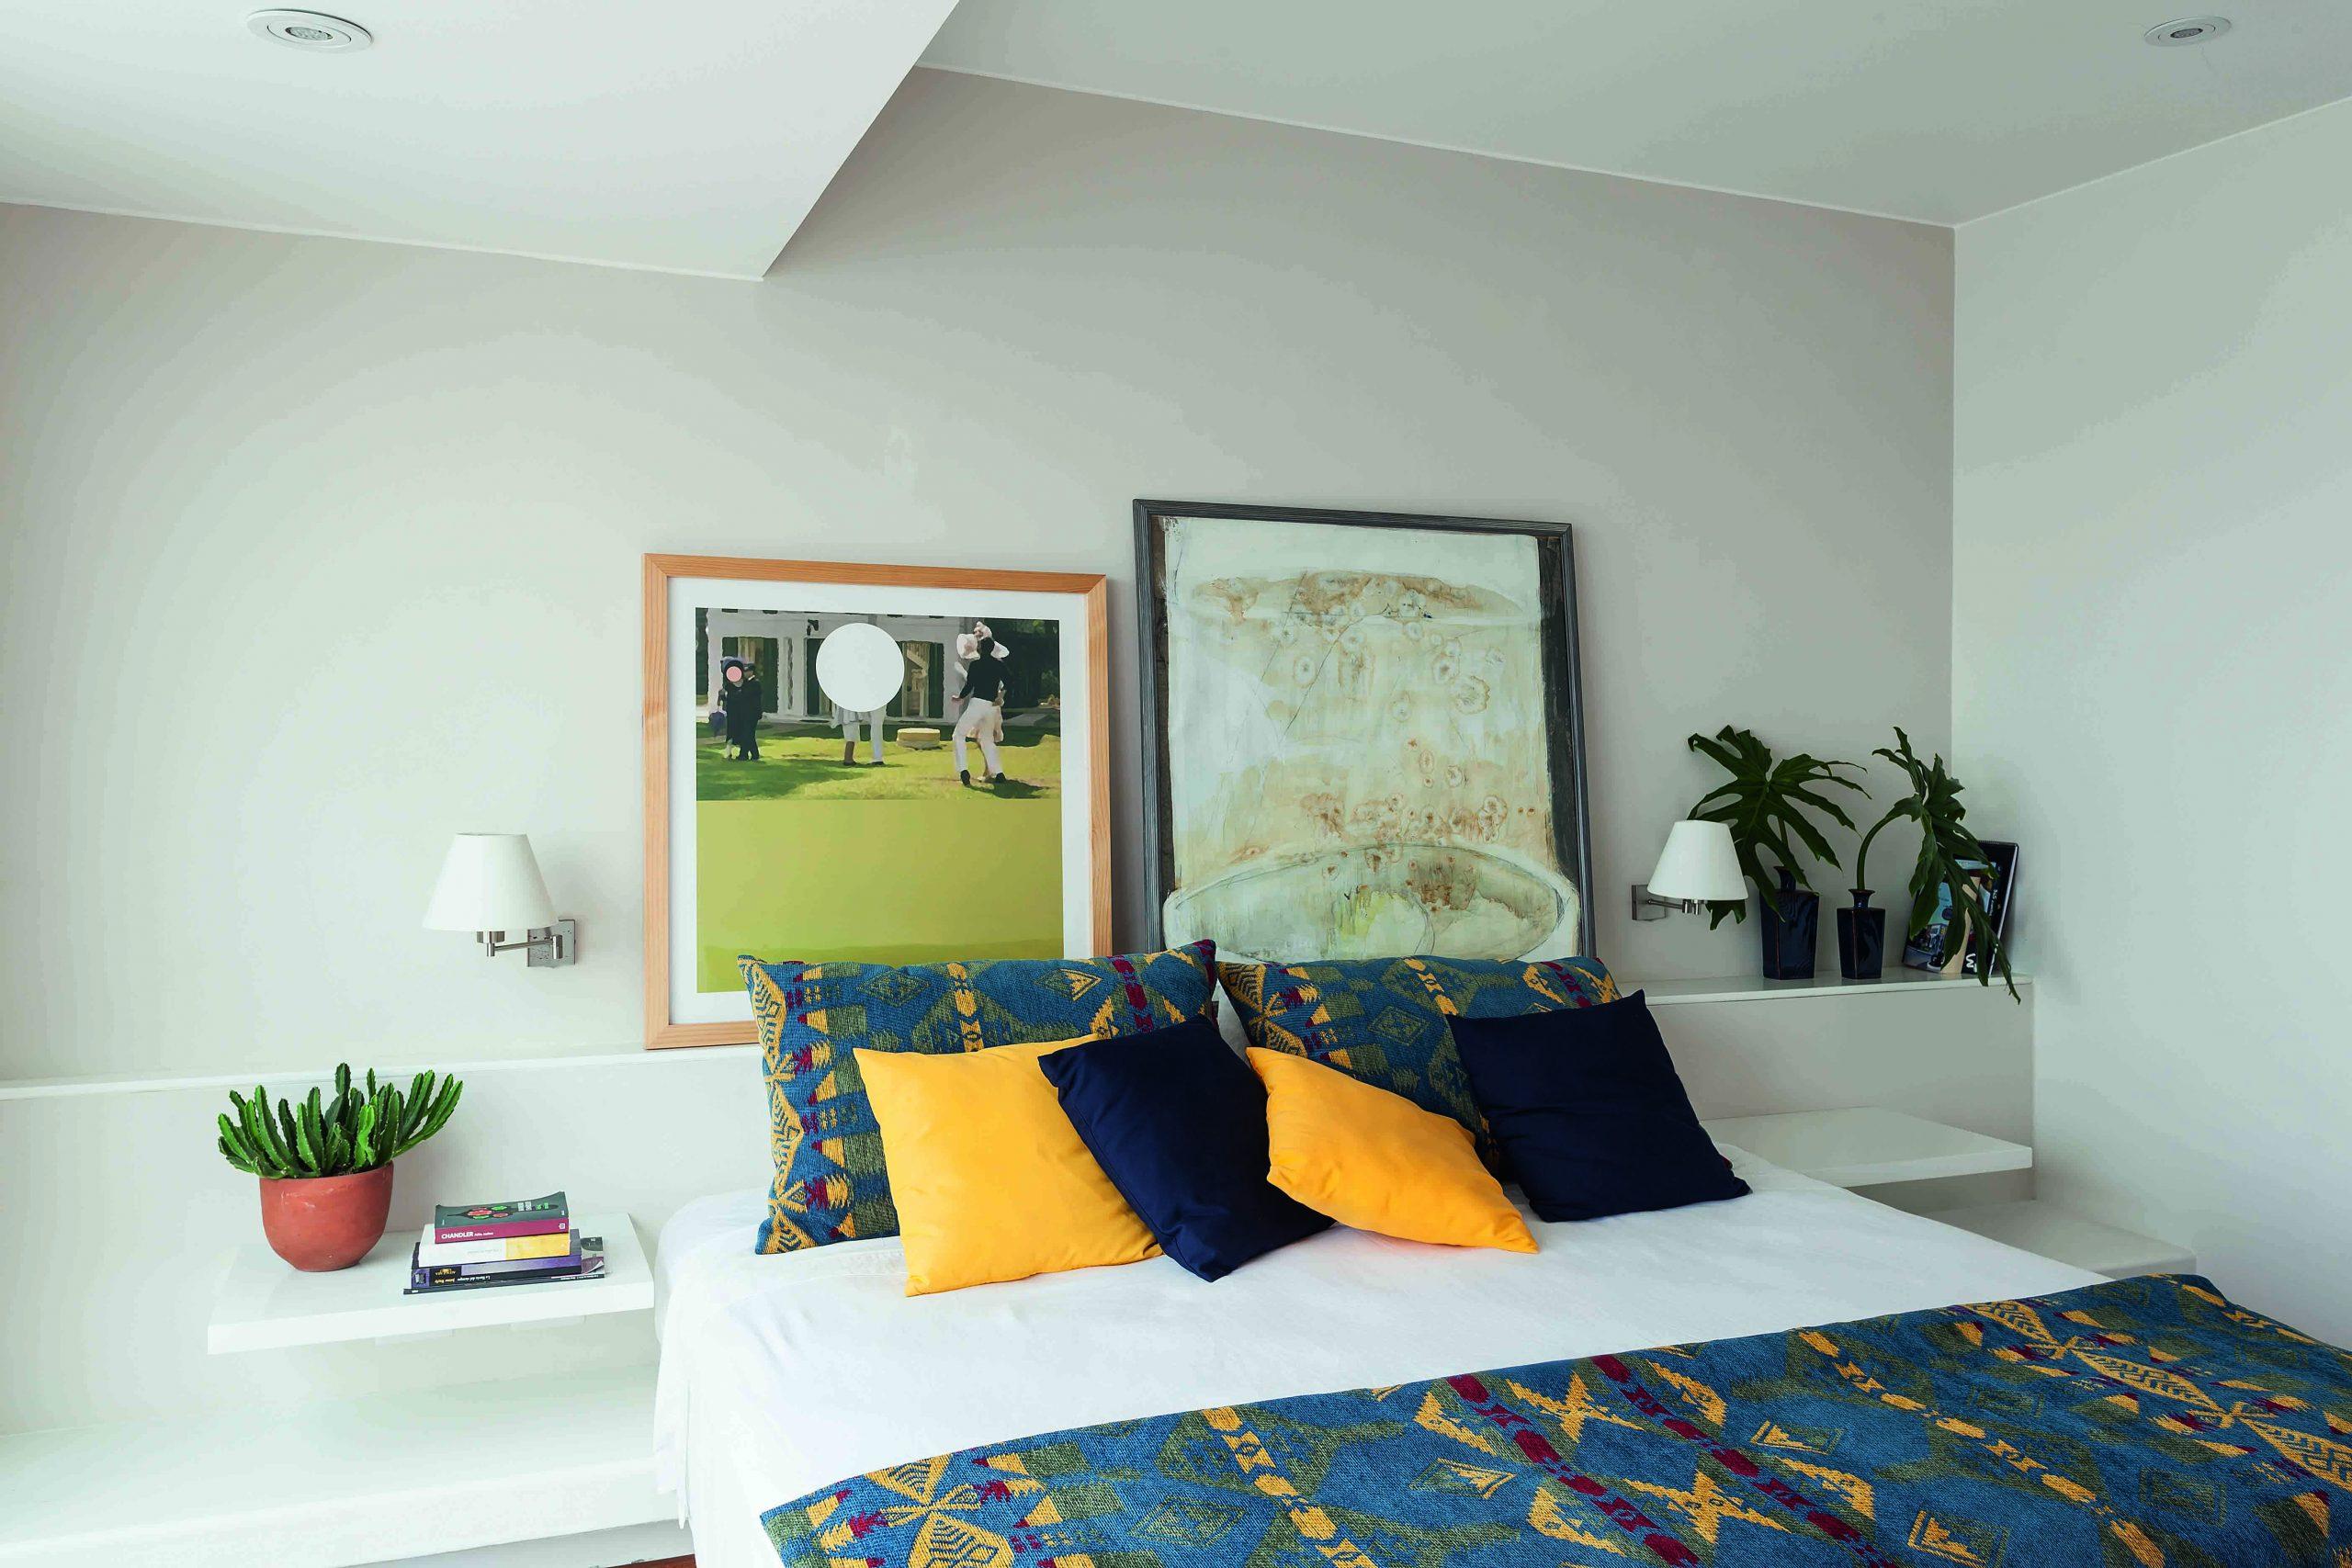 El dormitorio principal, con puntos de color en los cojines y la tela artesanal de la selva peruana. Sobre la cama, arte de Melissa Dupont y de Paulina Salazar.